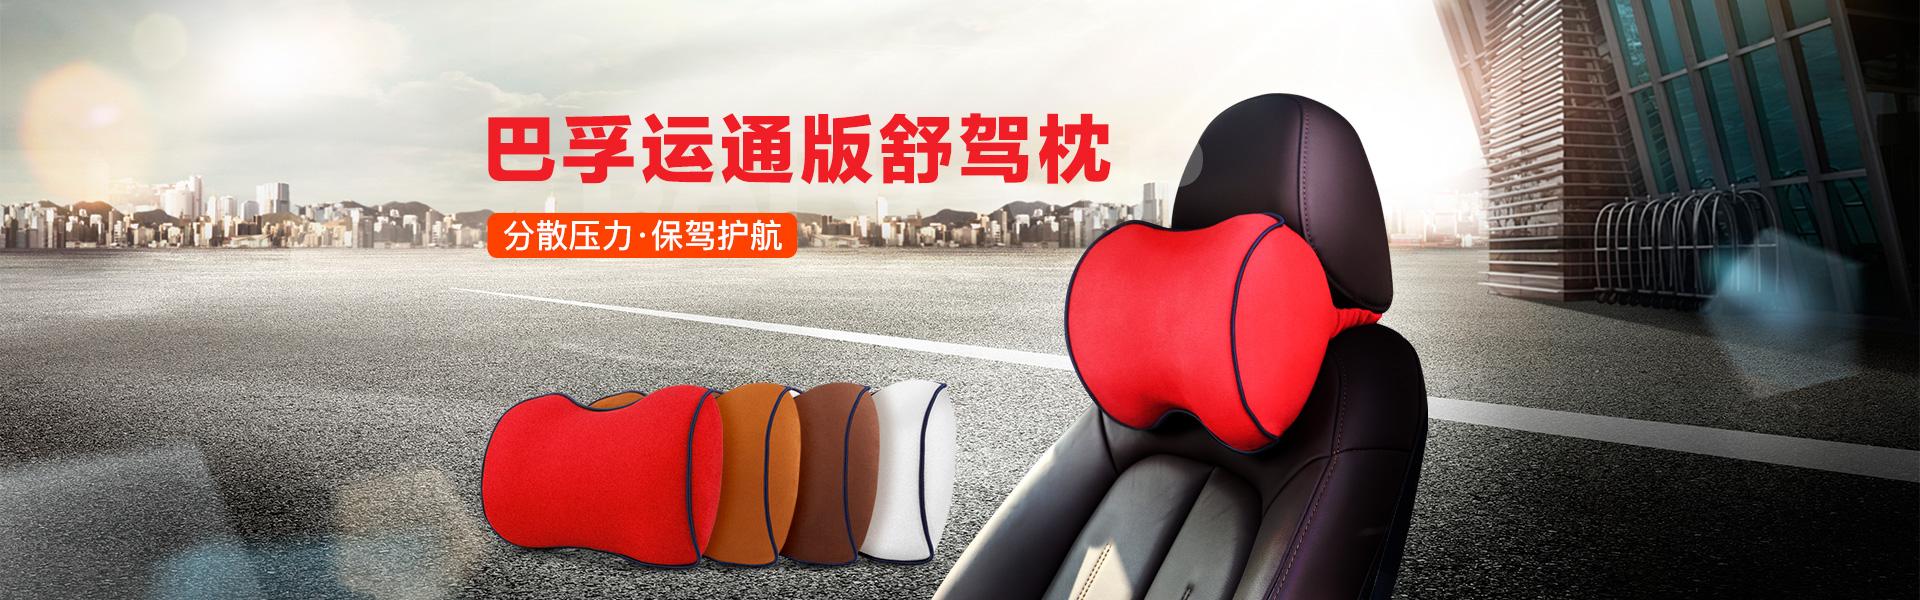 巴孚VIP舒驾车枕,温感记忆棉,透气面料,舒适承托,长途伴侣